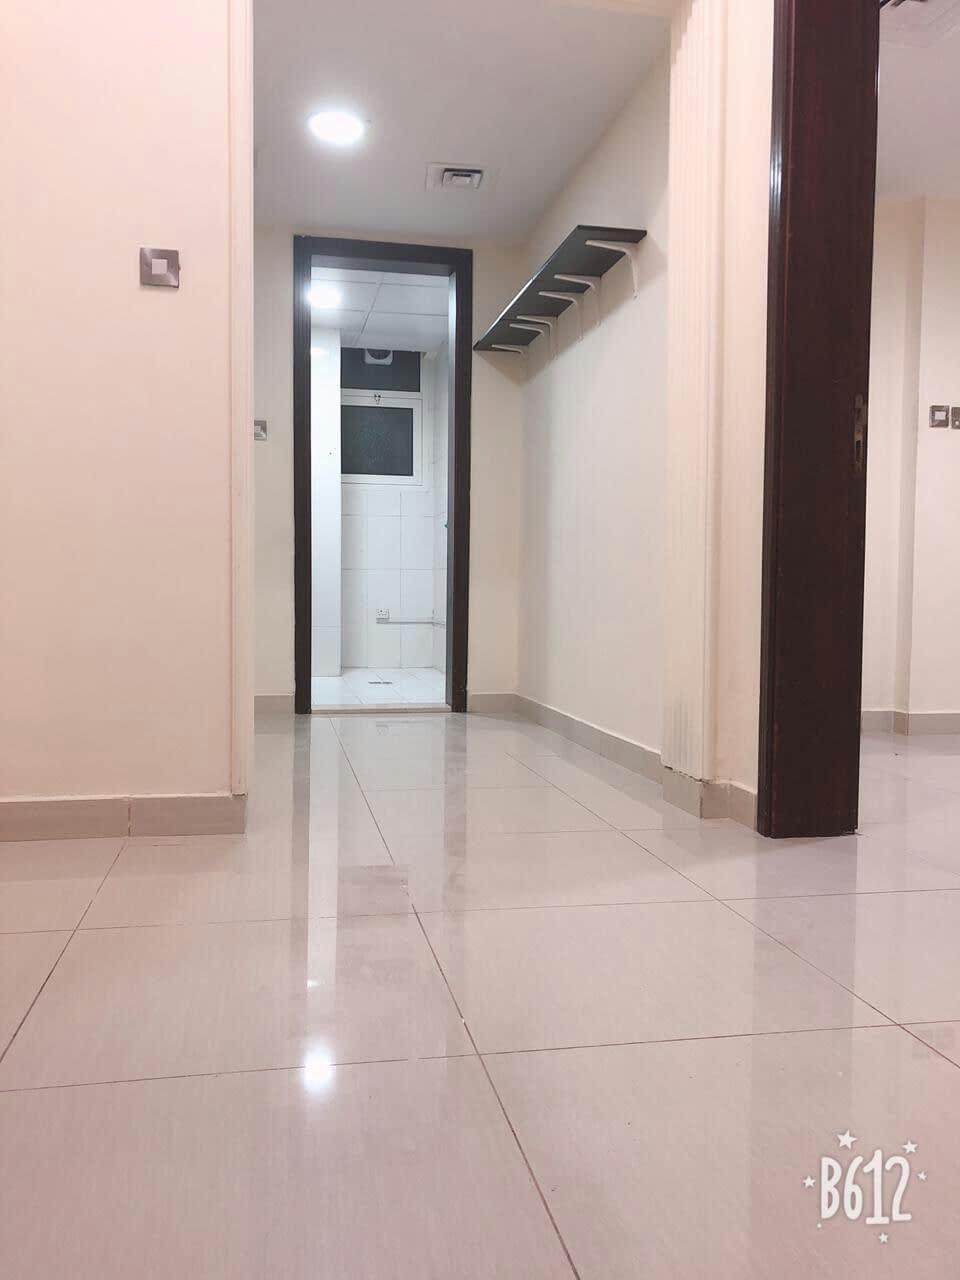 متوفر للإيجار غرفة وصالة في مدينة خليفة